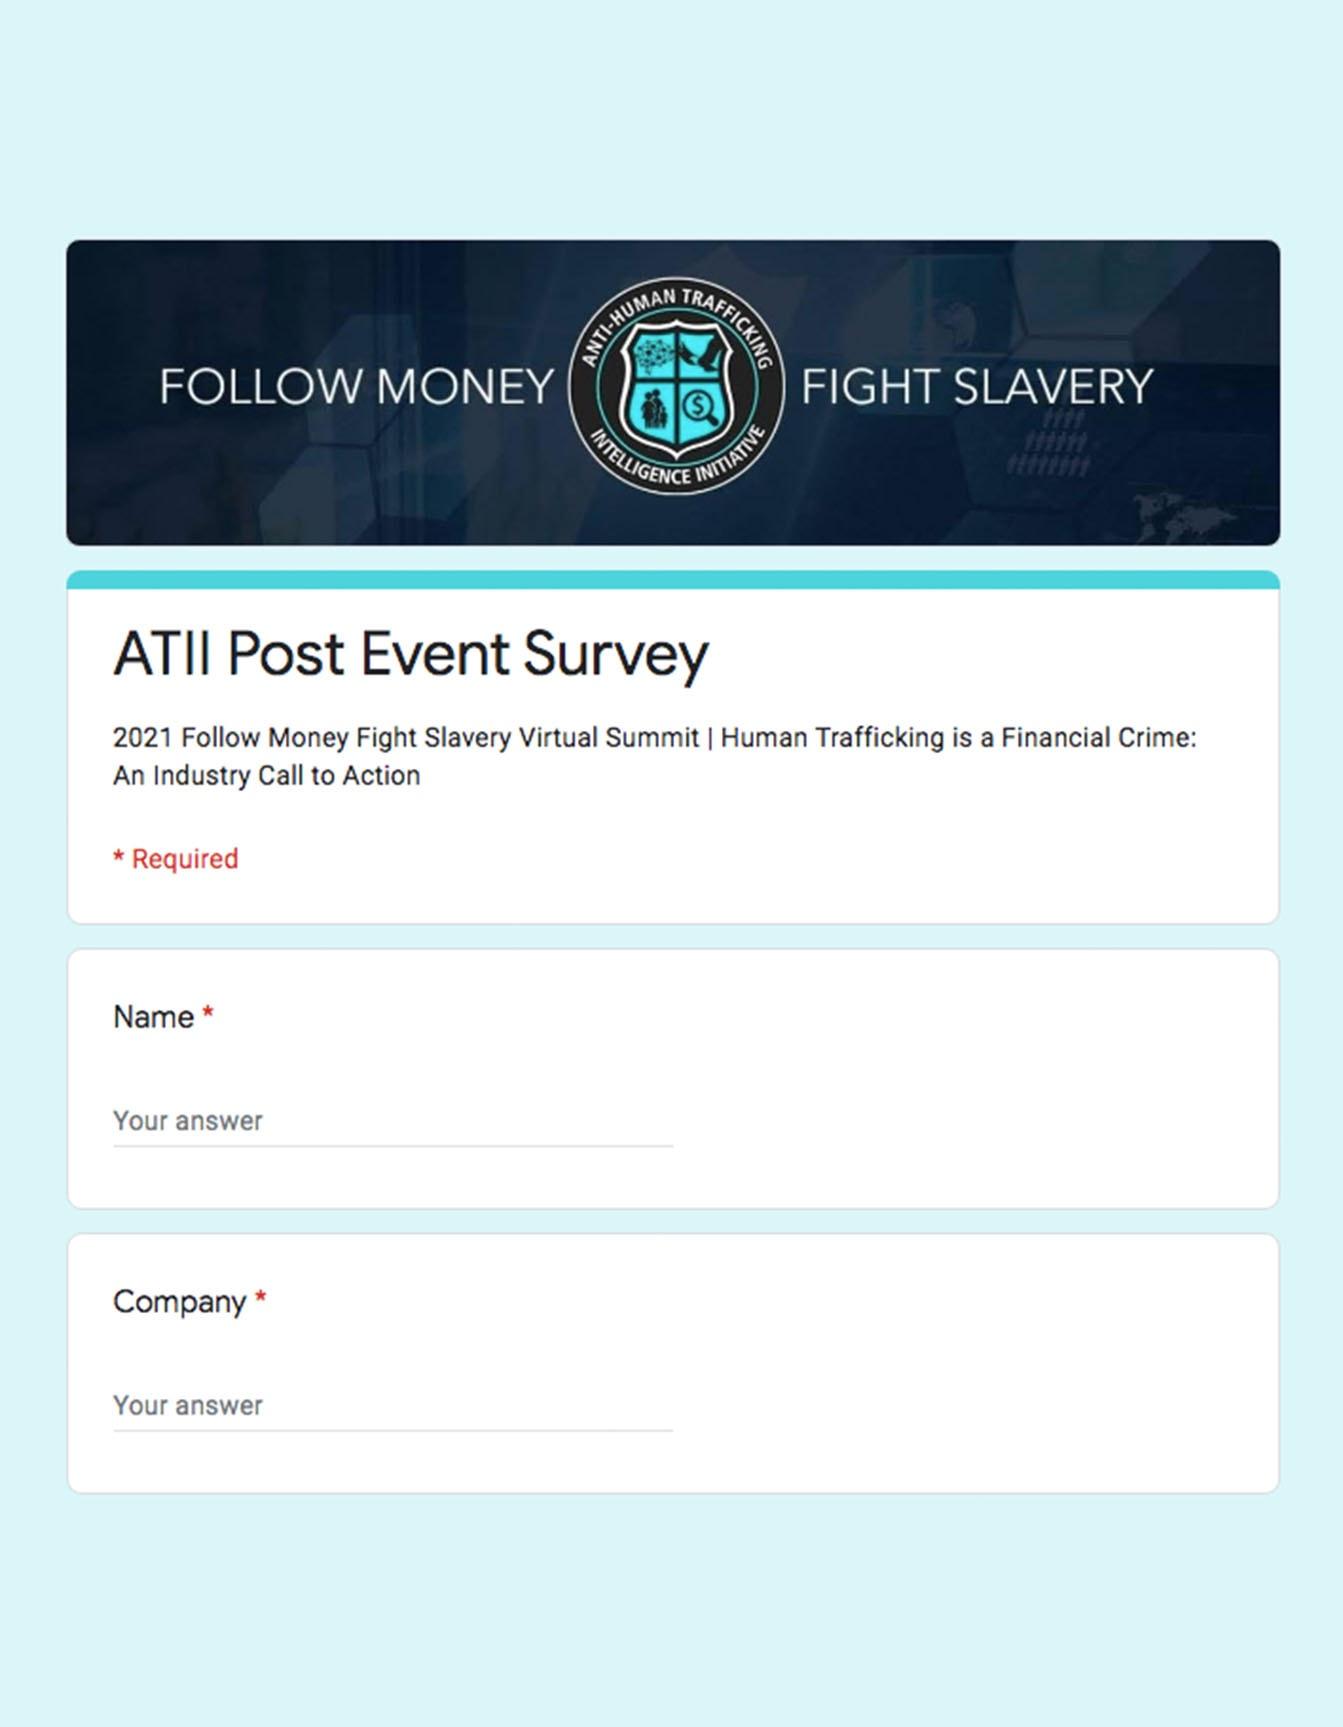 Post Event Survey